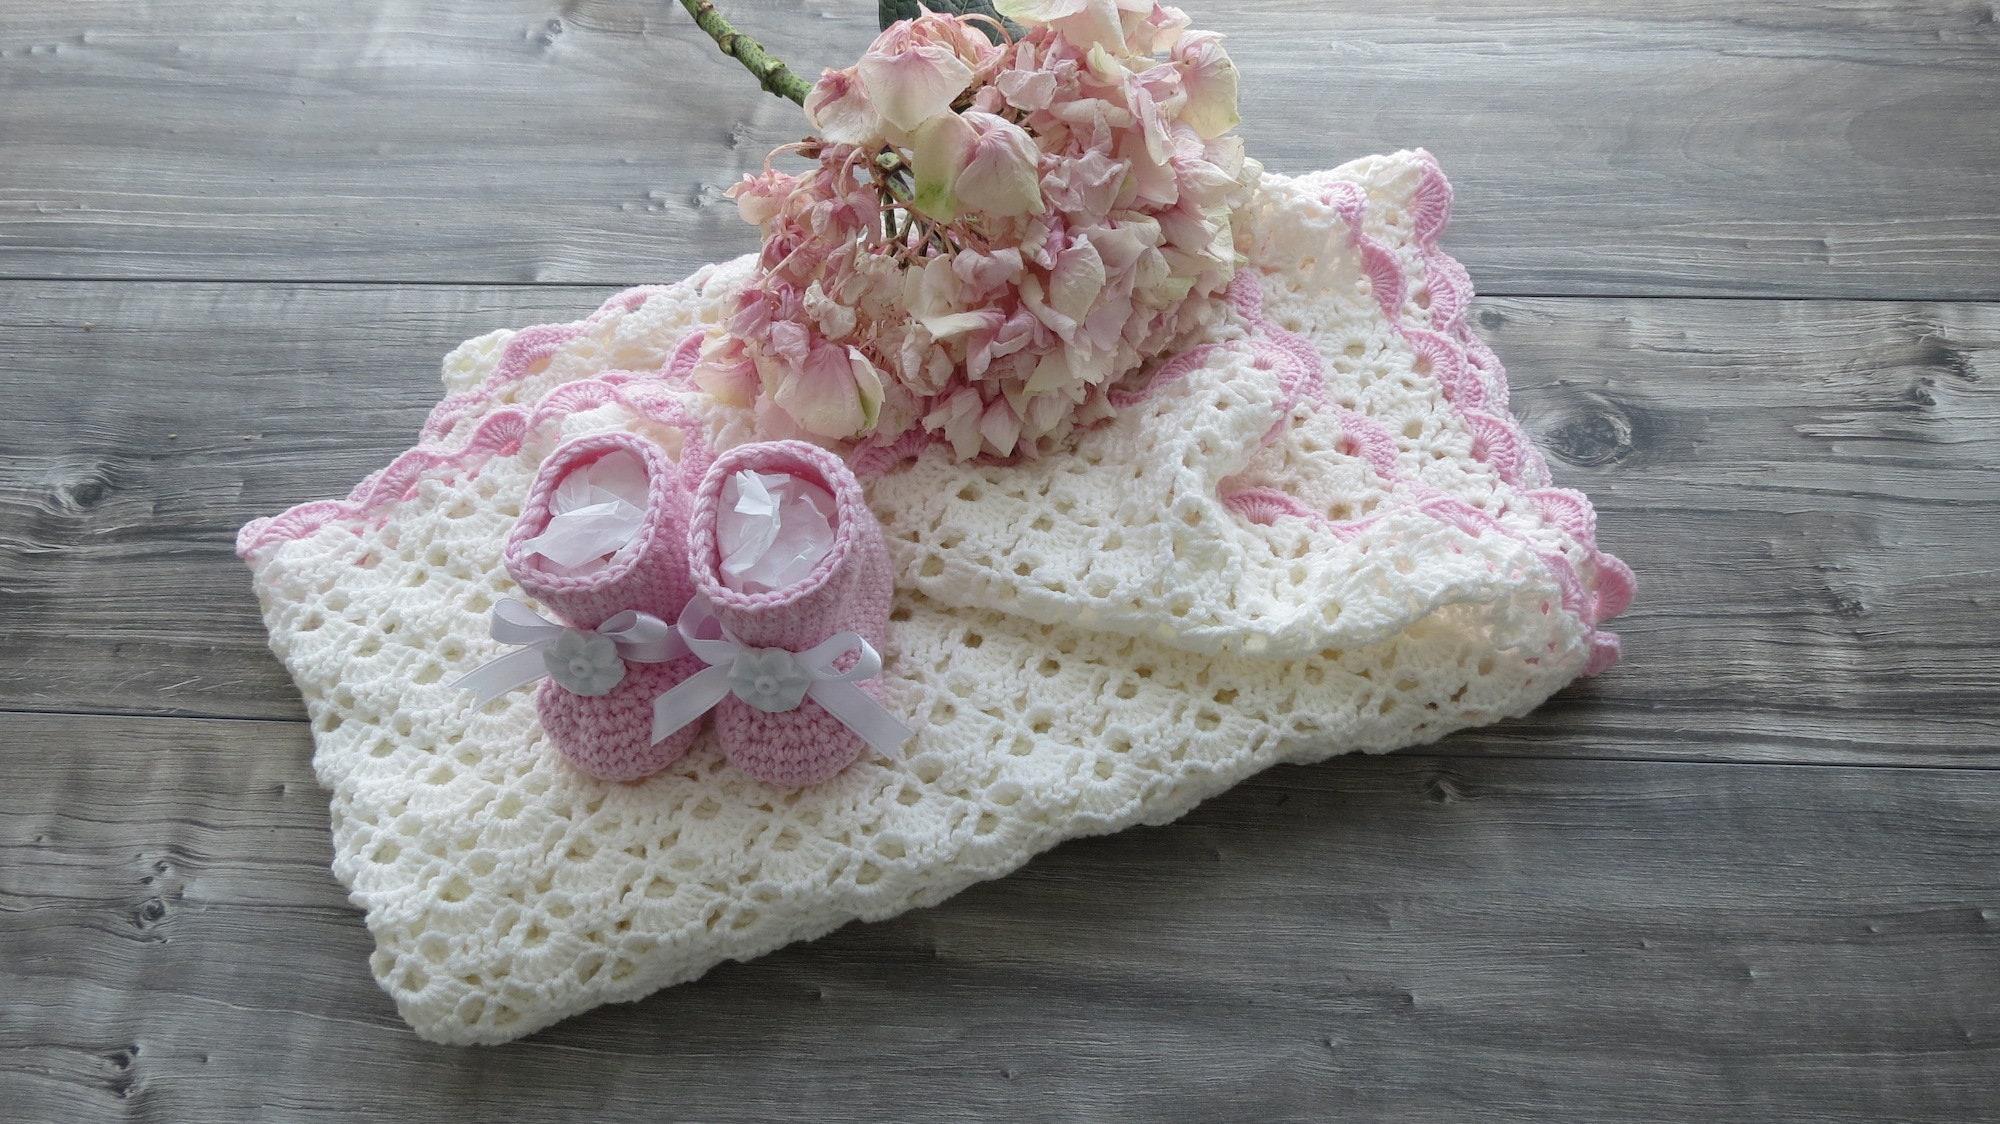 Couverture complète ABBY et Scarpine nouveau-née - Fabriqué à la main avec laine Mérinos - Idée cadeau de naissance - Corredino nouvellement formé